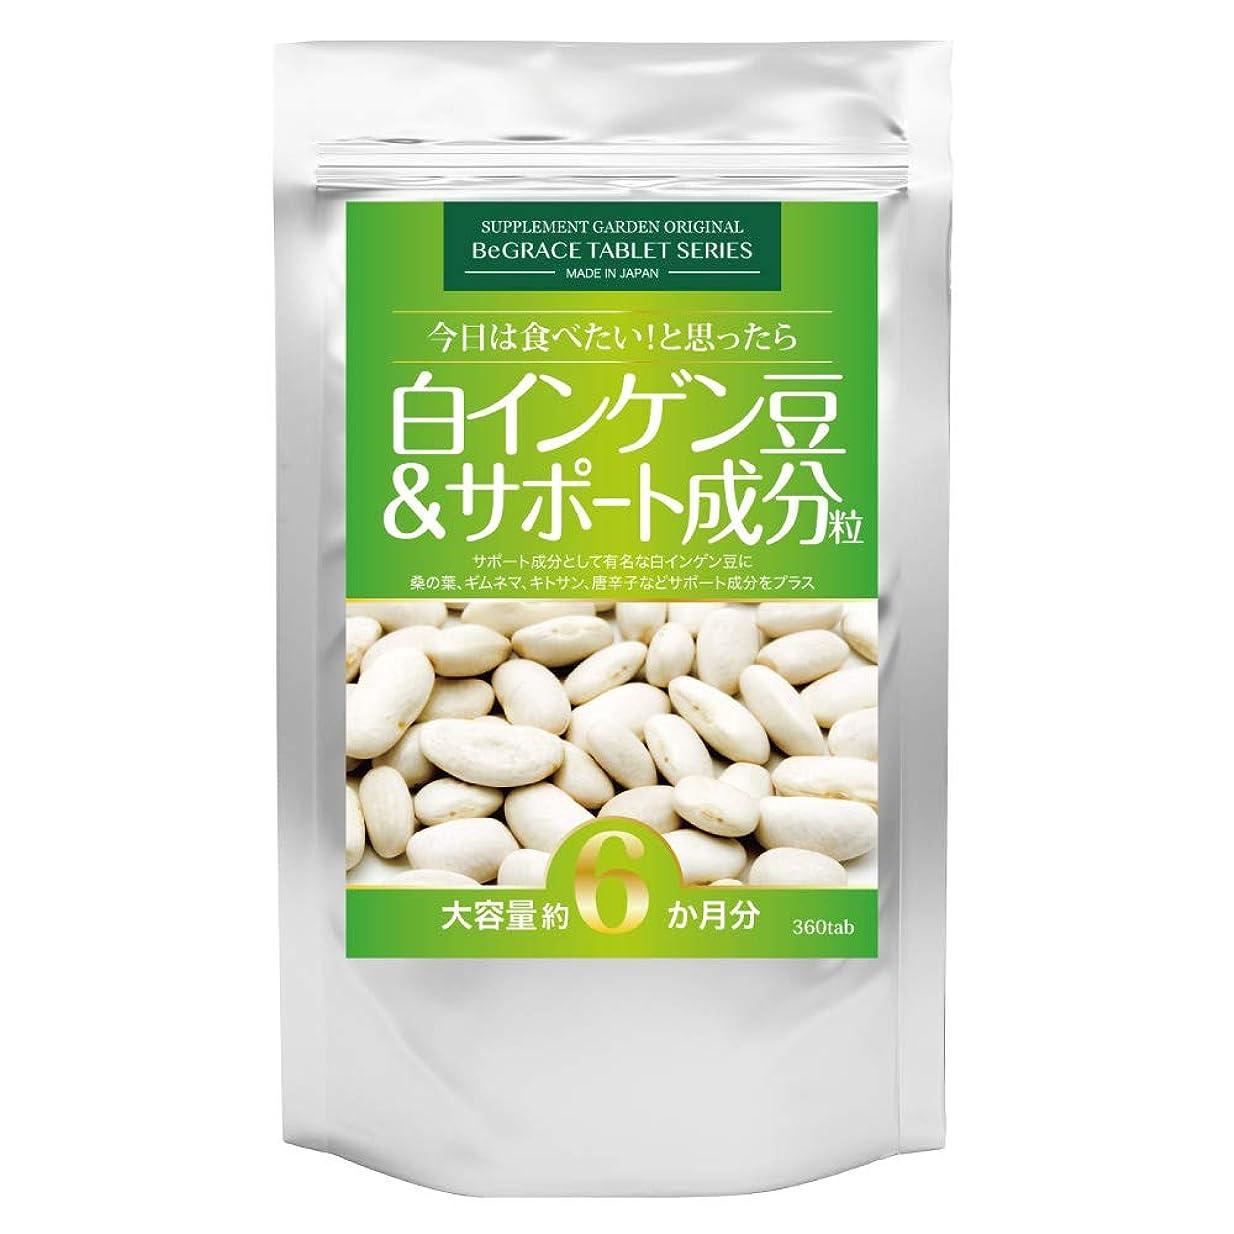 挽く洪水ブリーフケース白インゲン豆&サポート成分粒 大容量約6ヶ月分/360粒(白インゲン豆?桑の葉?ギムネマ?キトサン?唐辛子)